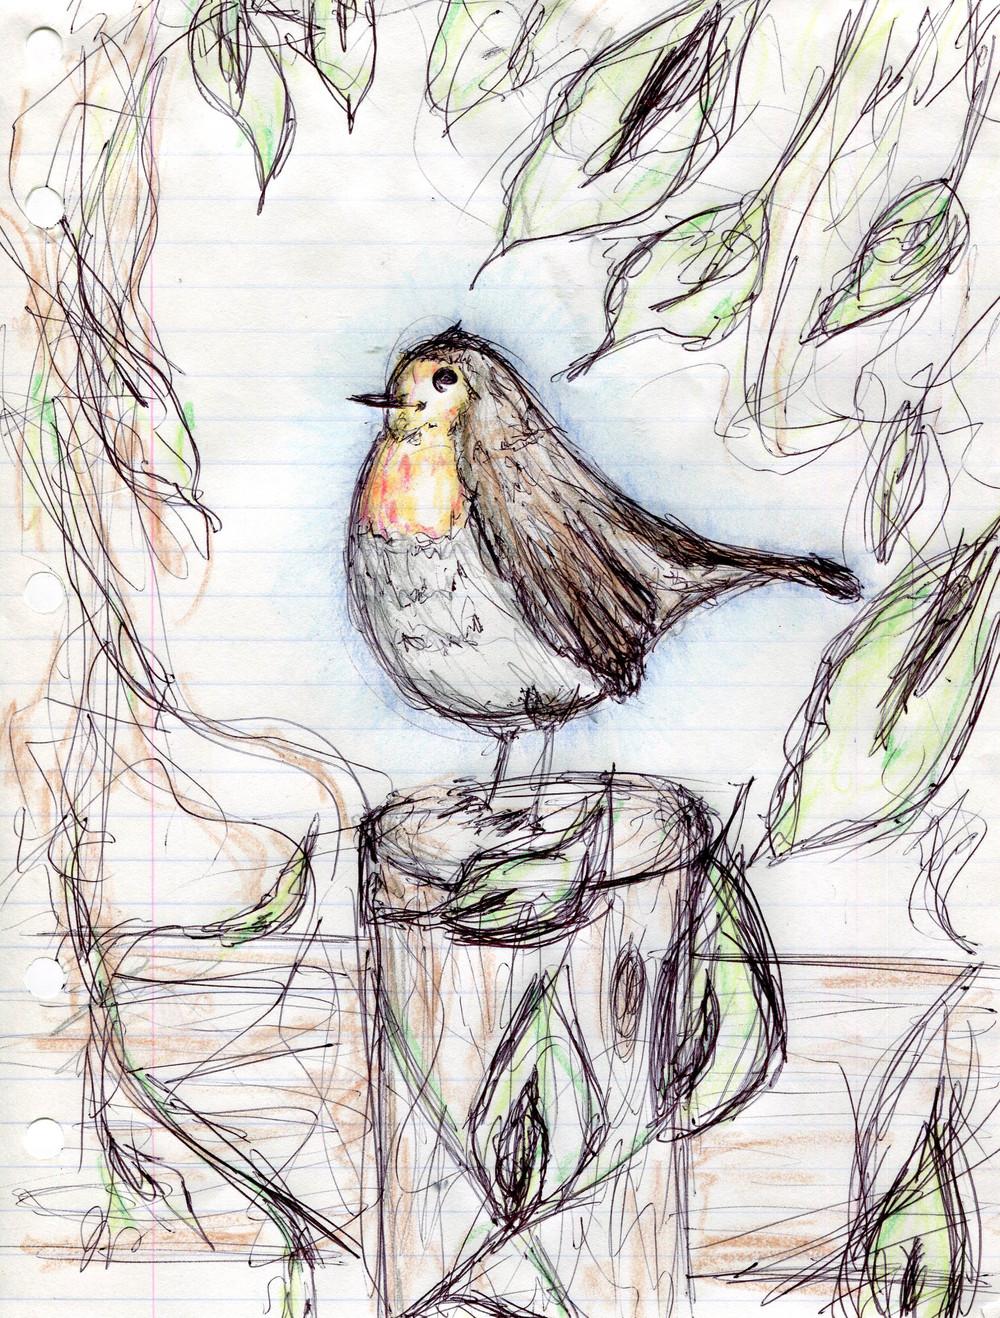 Robin's Robin